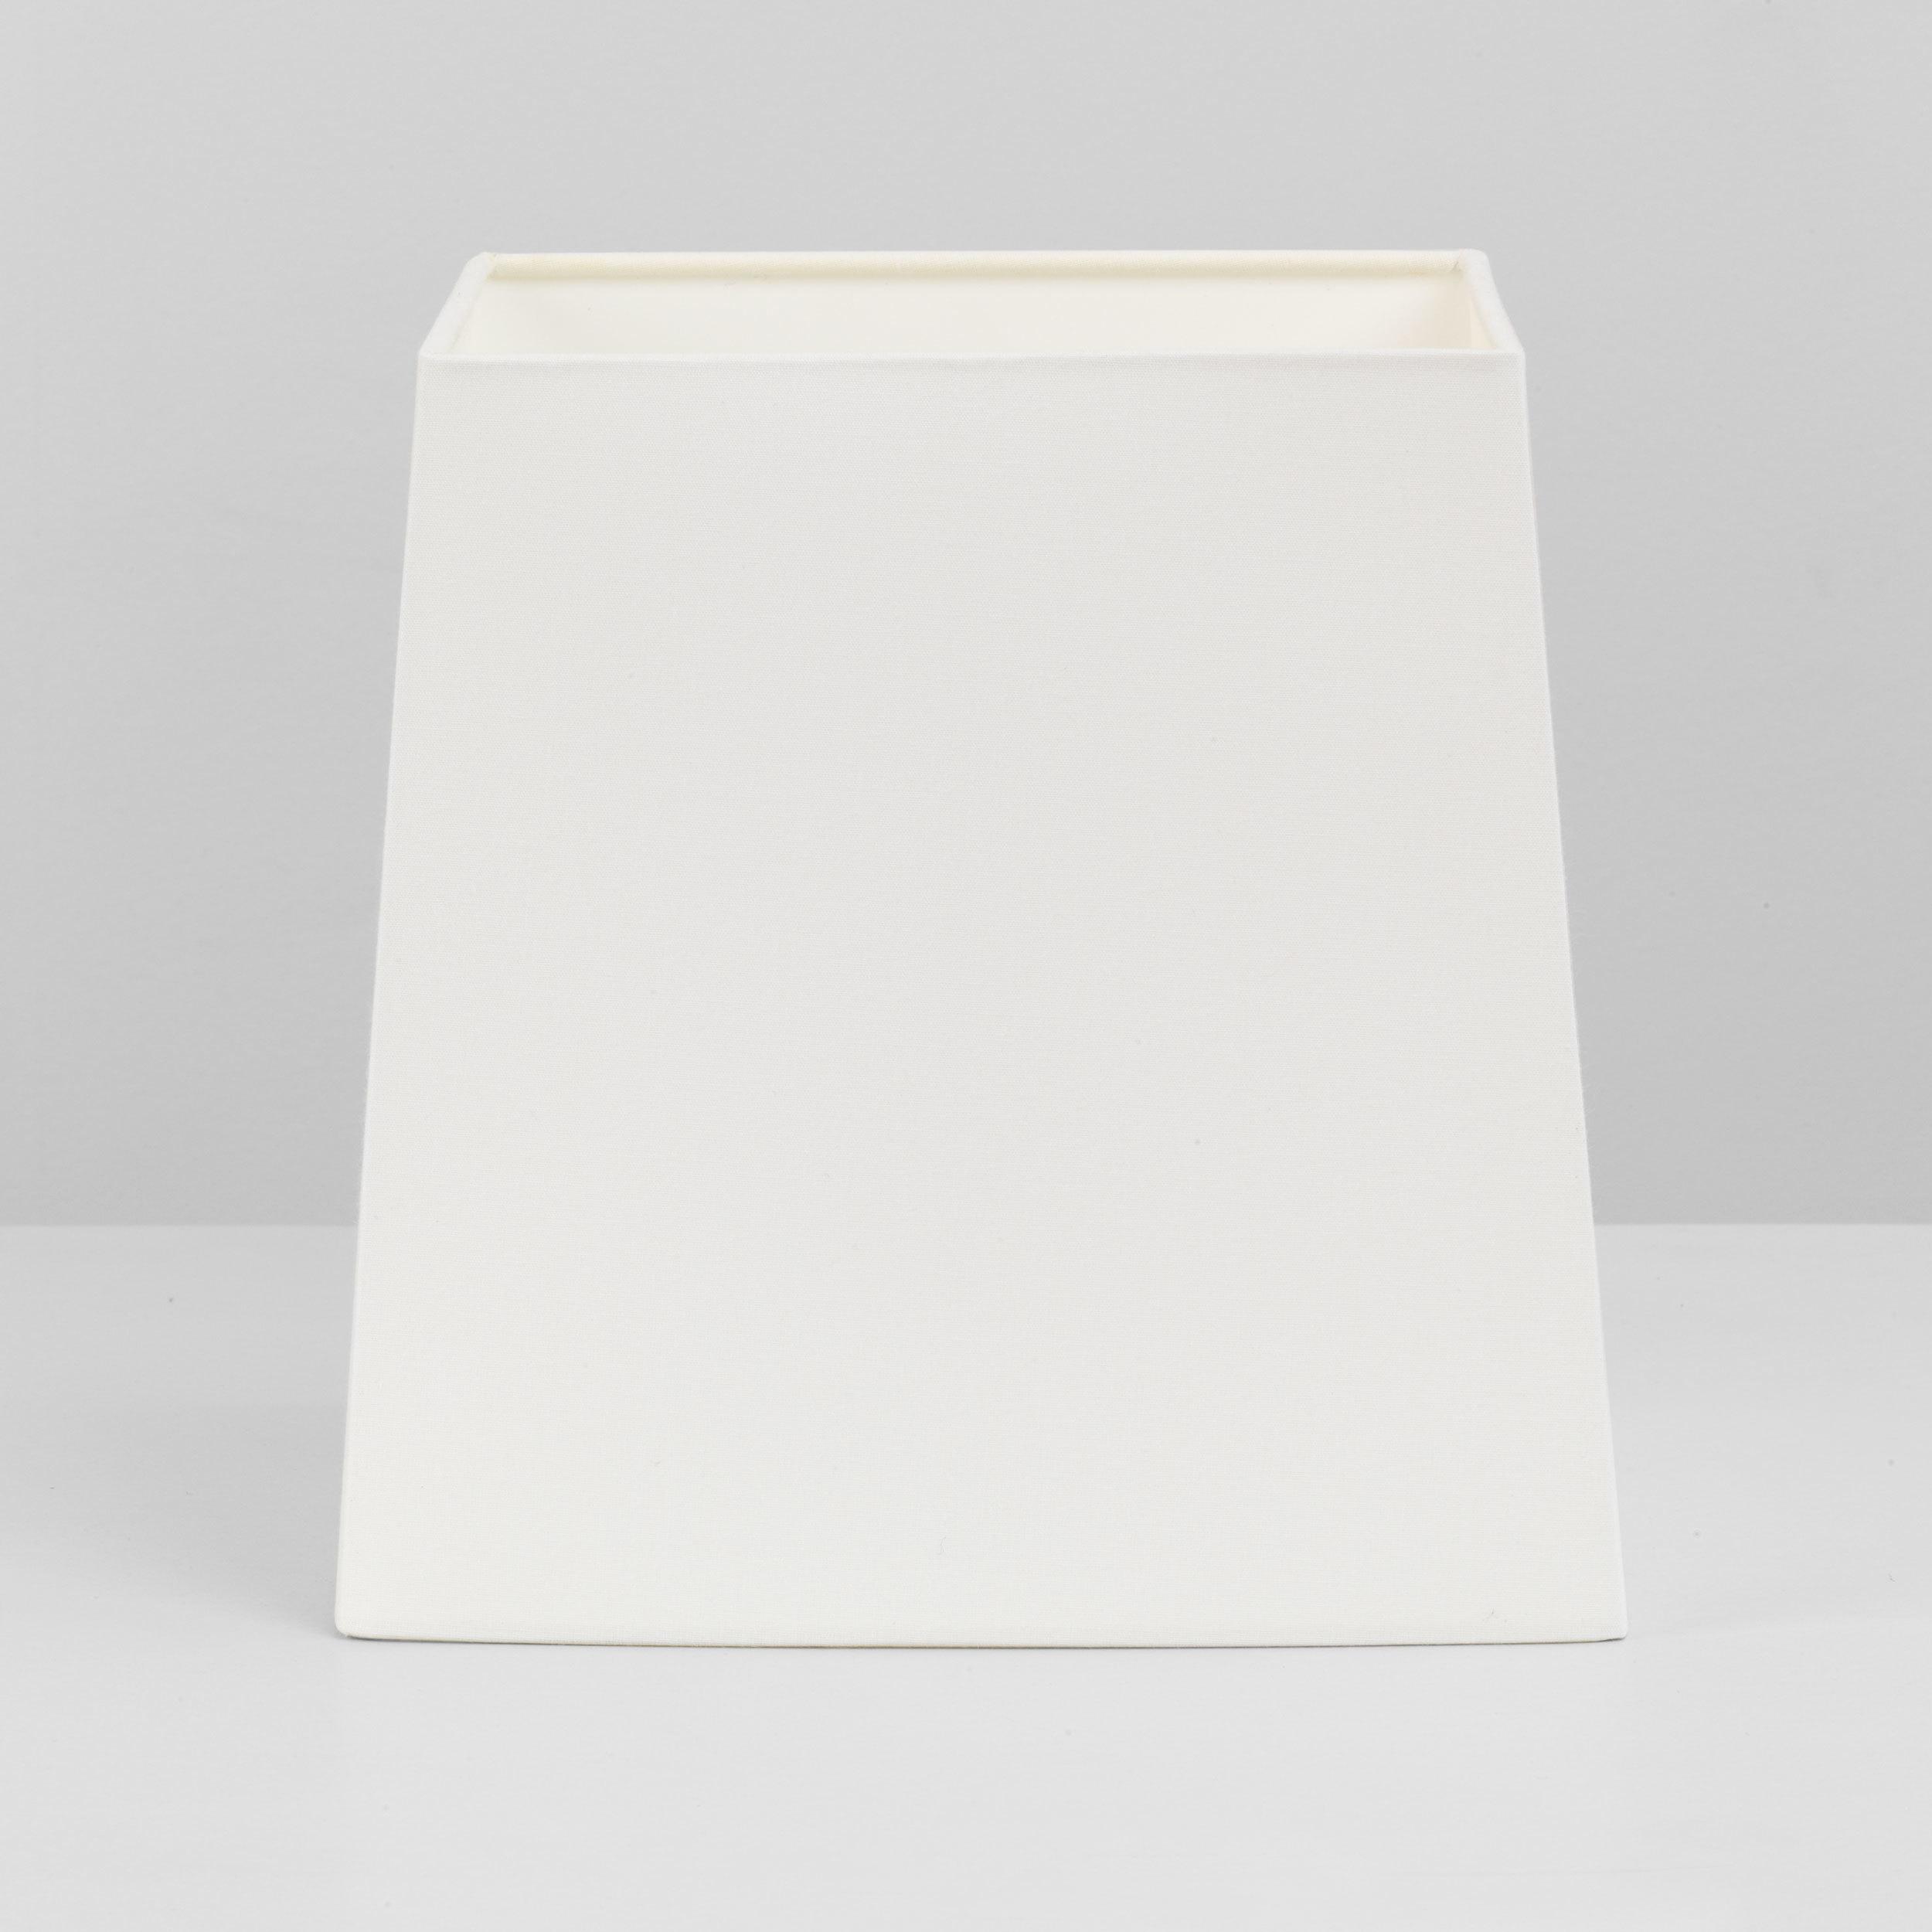 Абажур Astro Azumi 5003003 (4013), белый, текстиль - фото 1